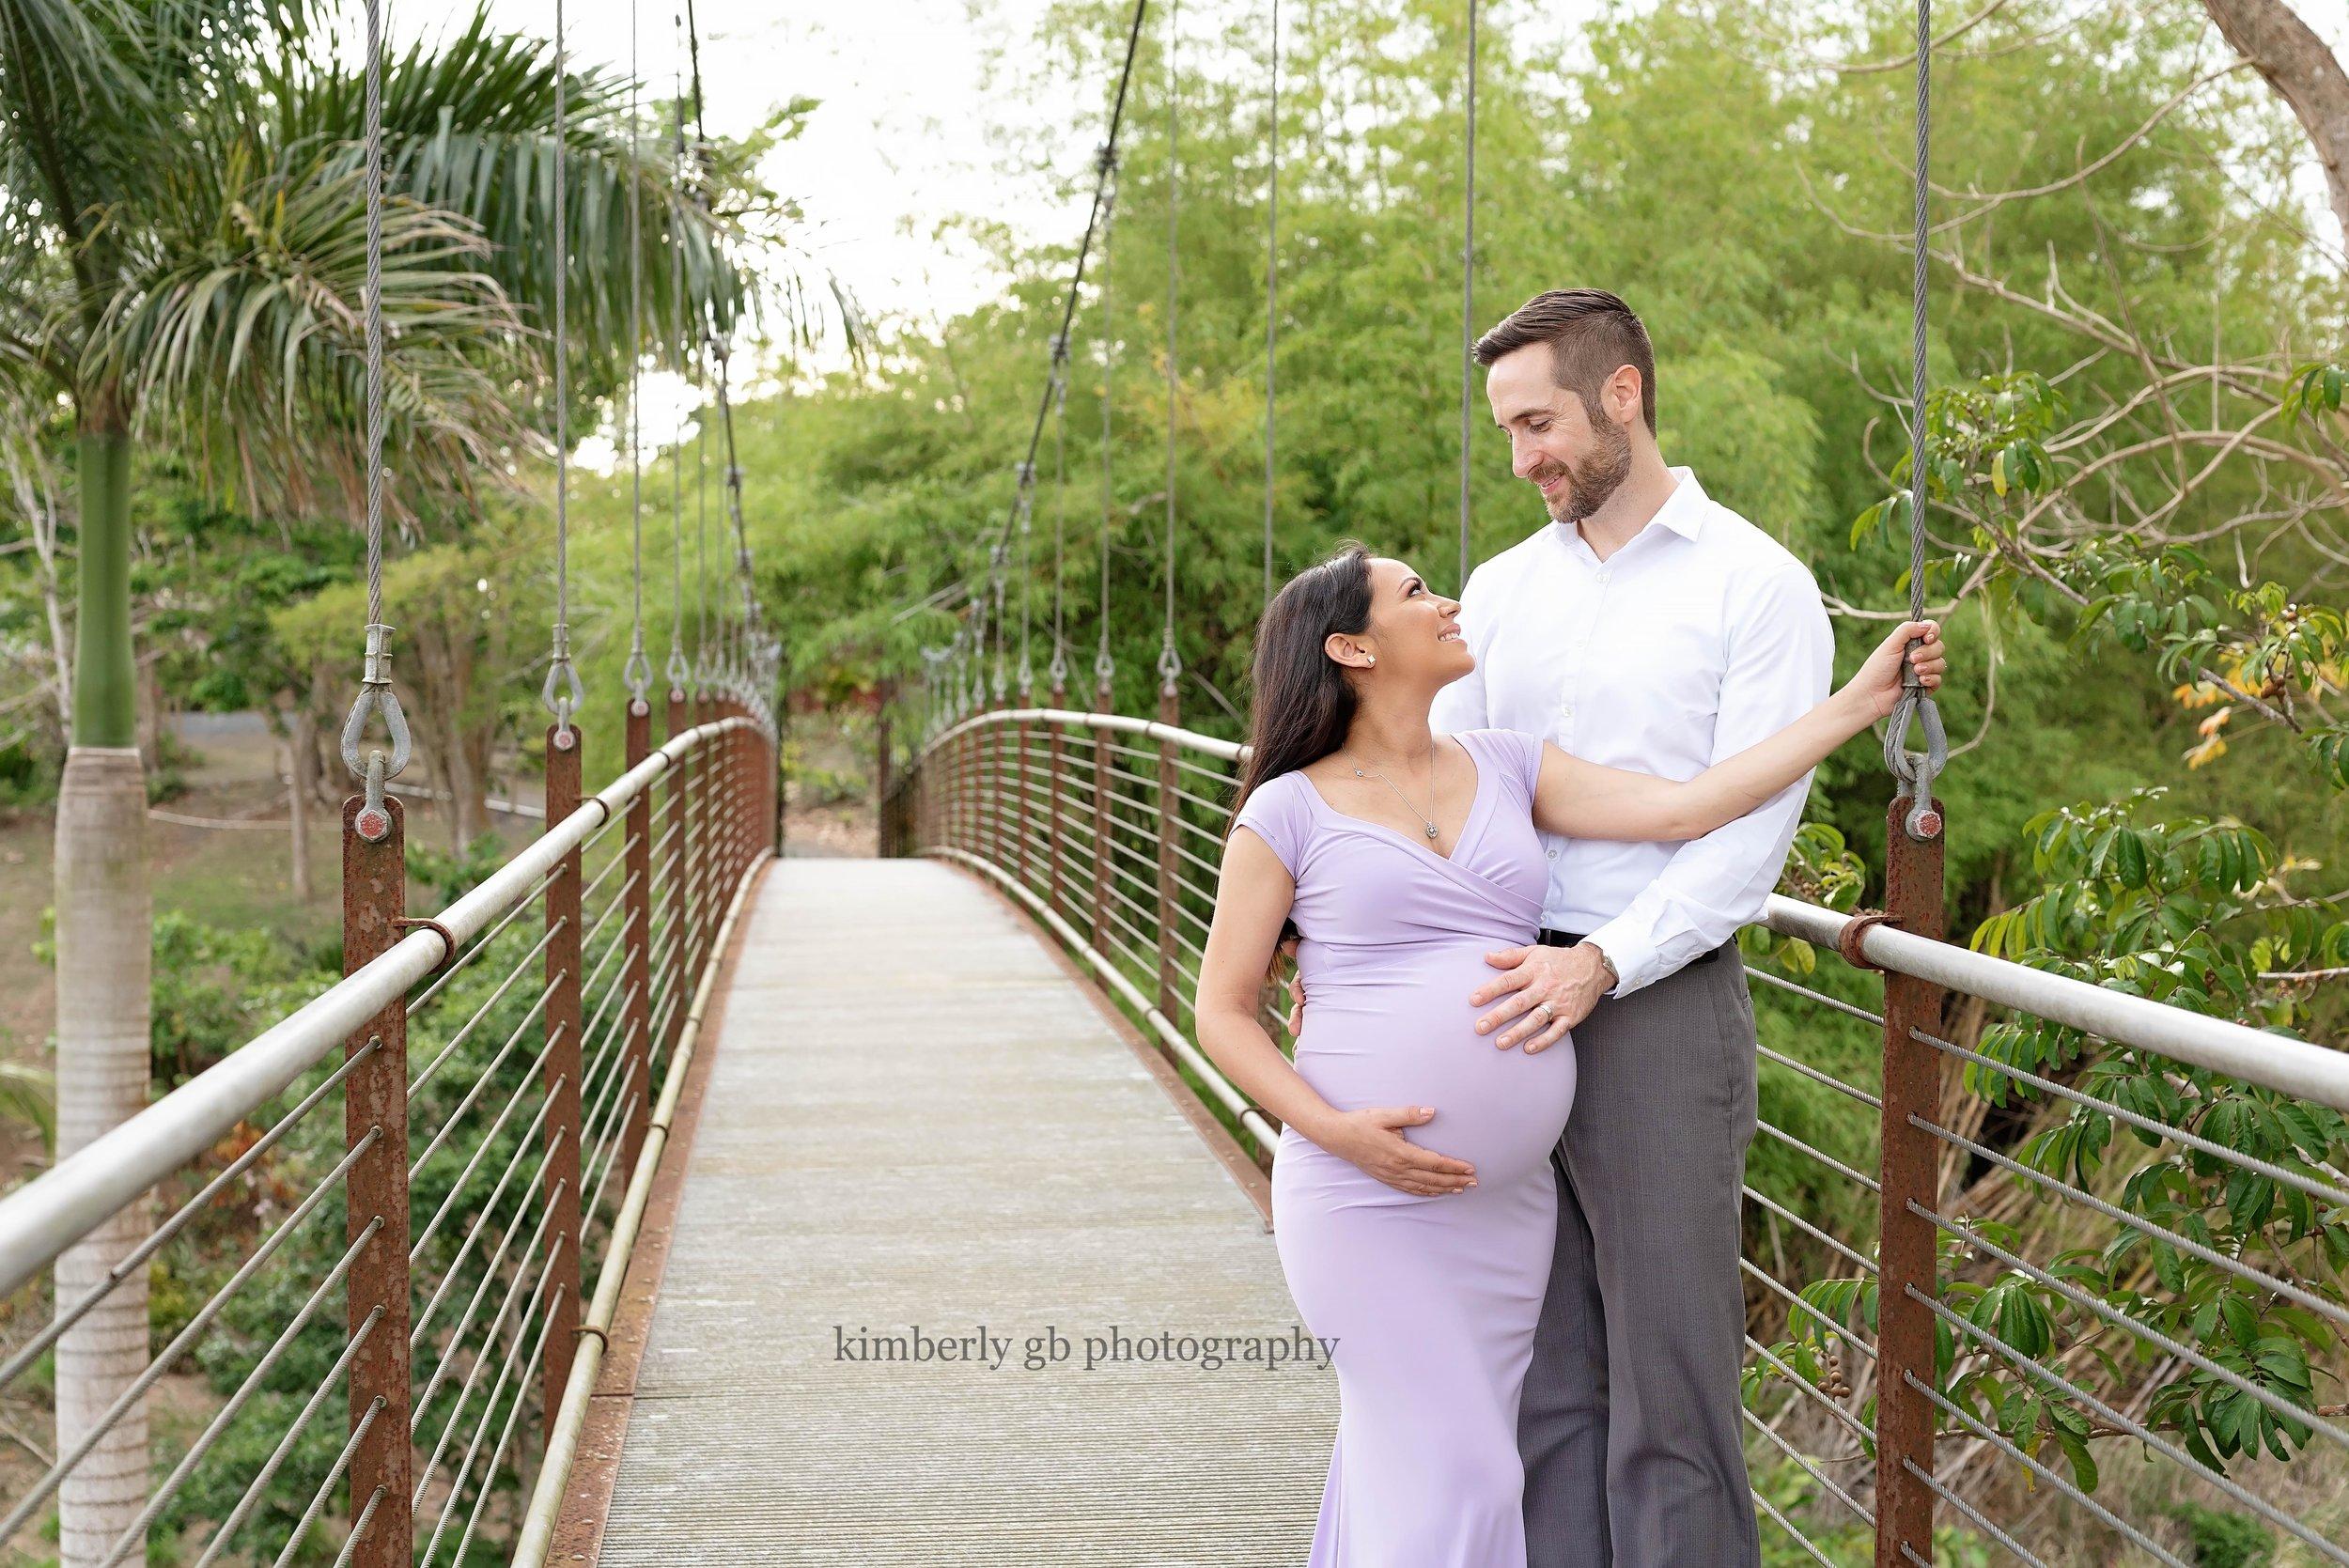 fotografia-fotografa-de-maternidad-embarazo-embarazada-en-puerto-rico-fotografia-189.jpg